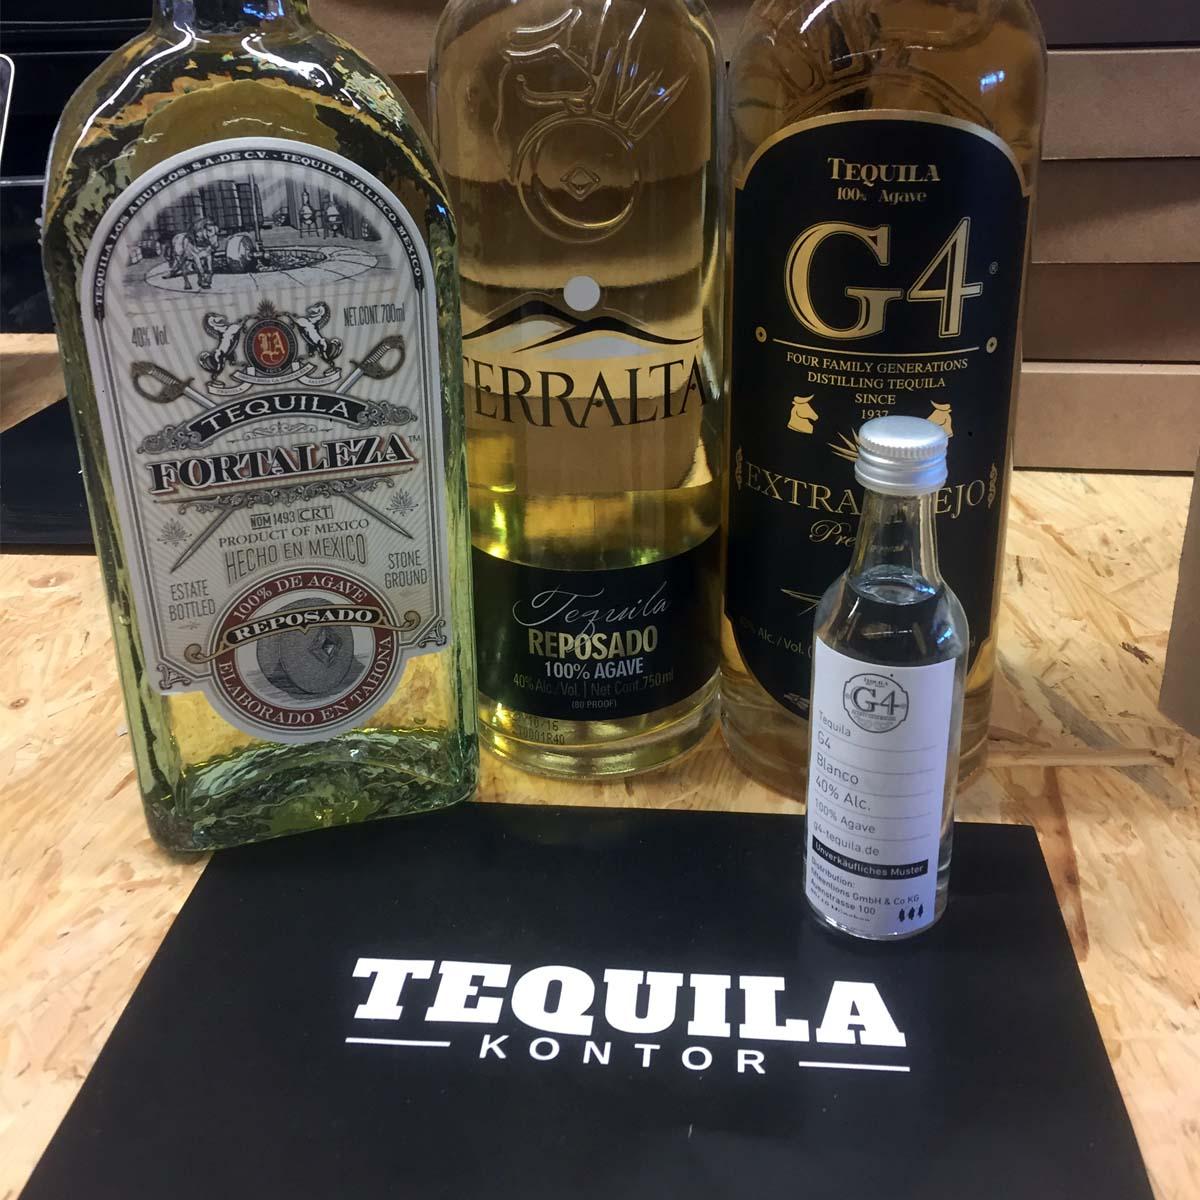 Typischer Warenkorb - Bestellung bei Tequila Kontor